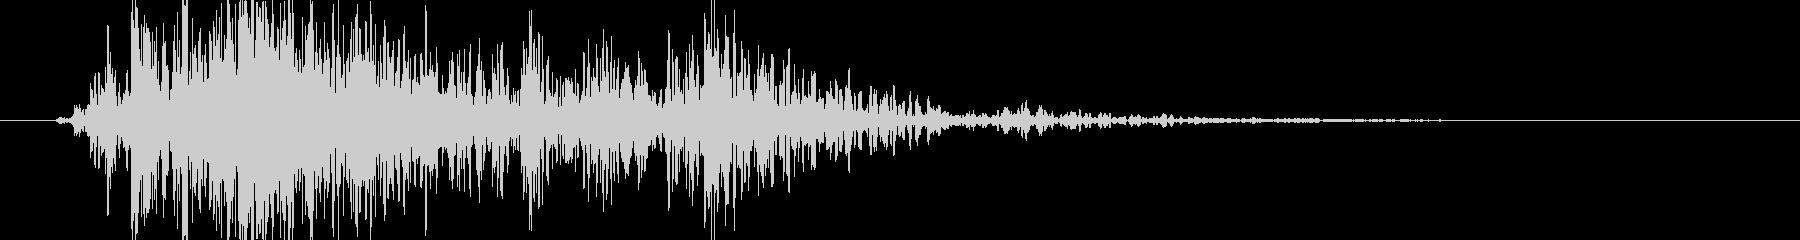 木 ウッドグラインドラージ03の未再生の波形